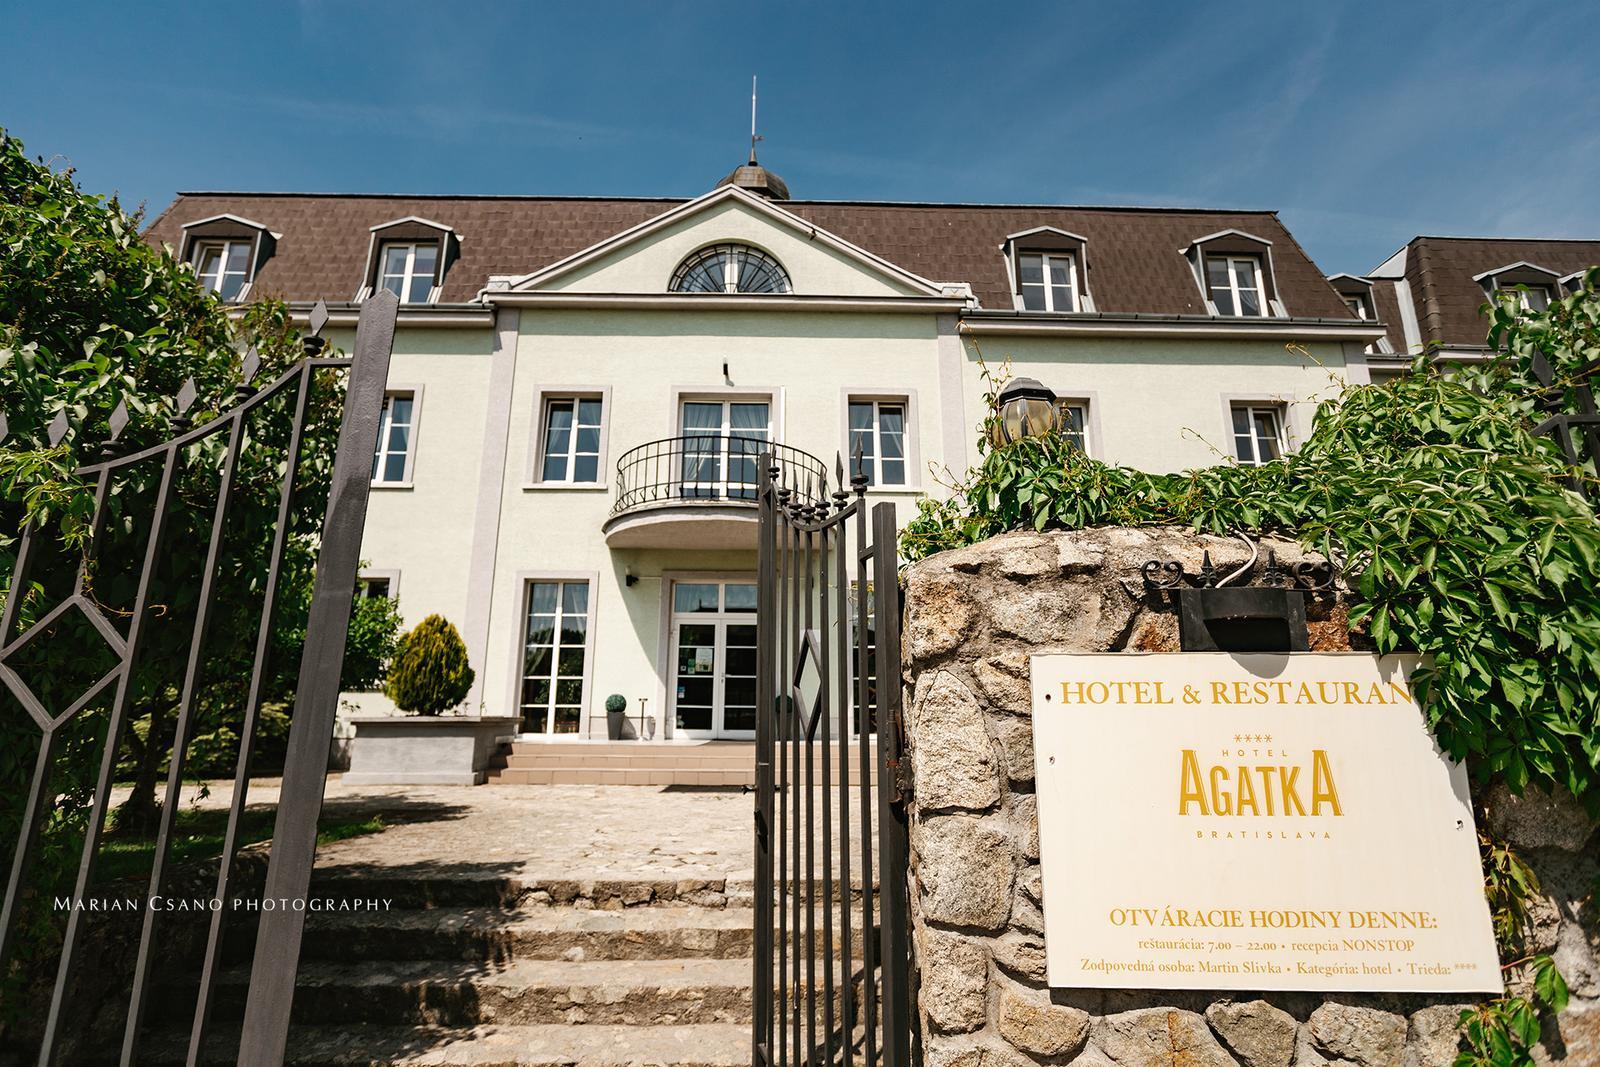 Adriana & Vlado @ Hotel Agátka - Obrázok č. 3